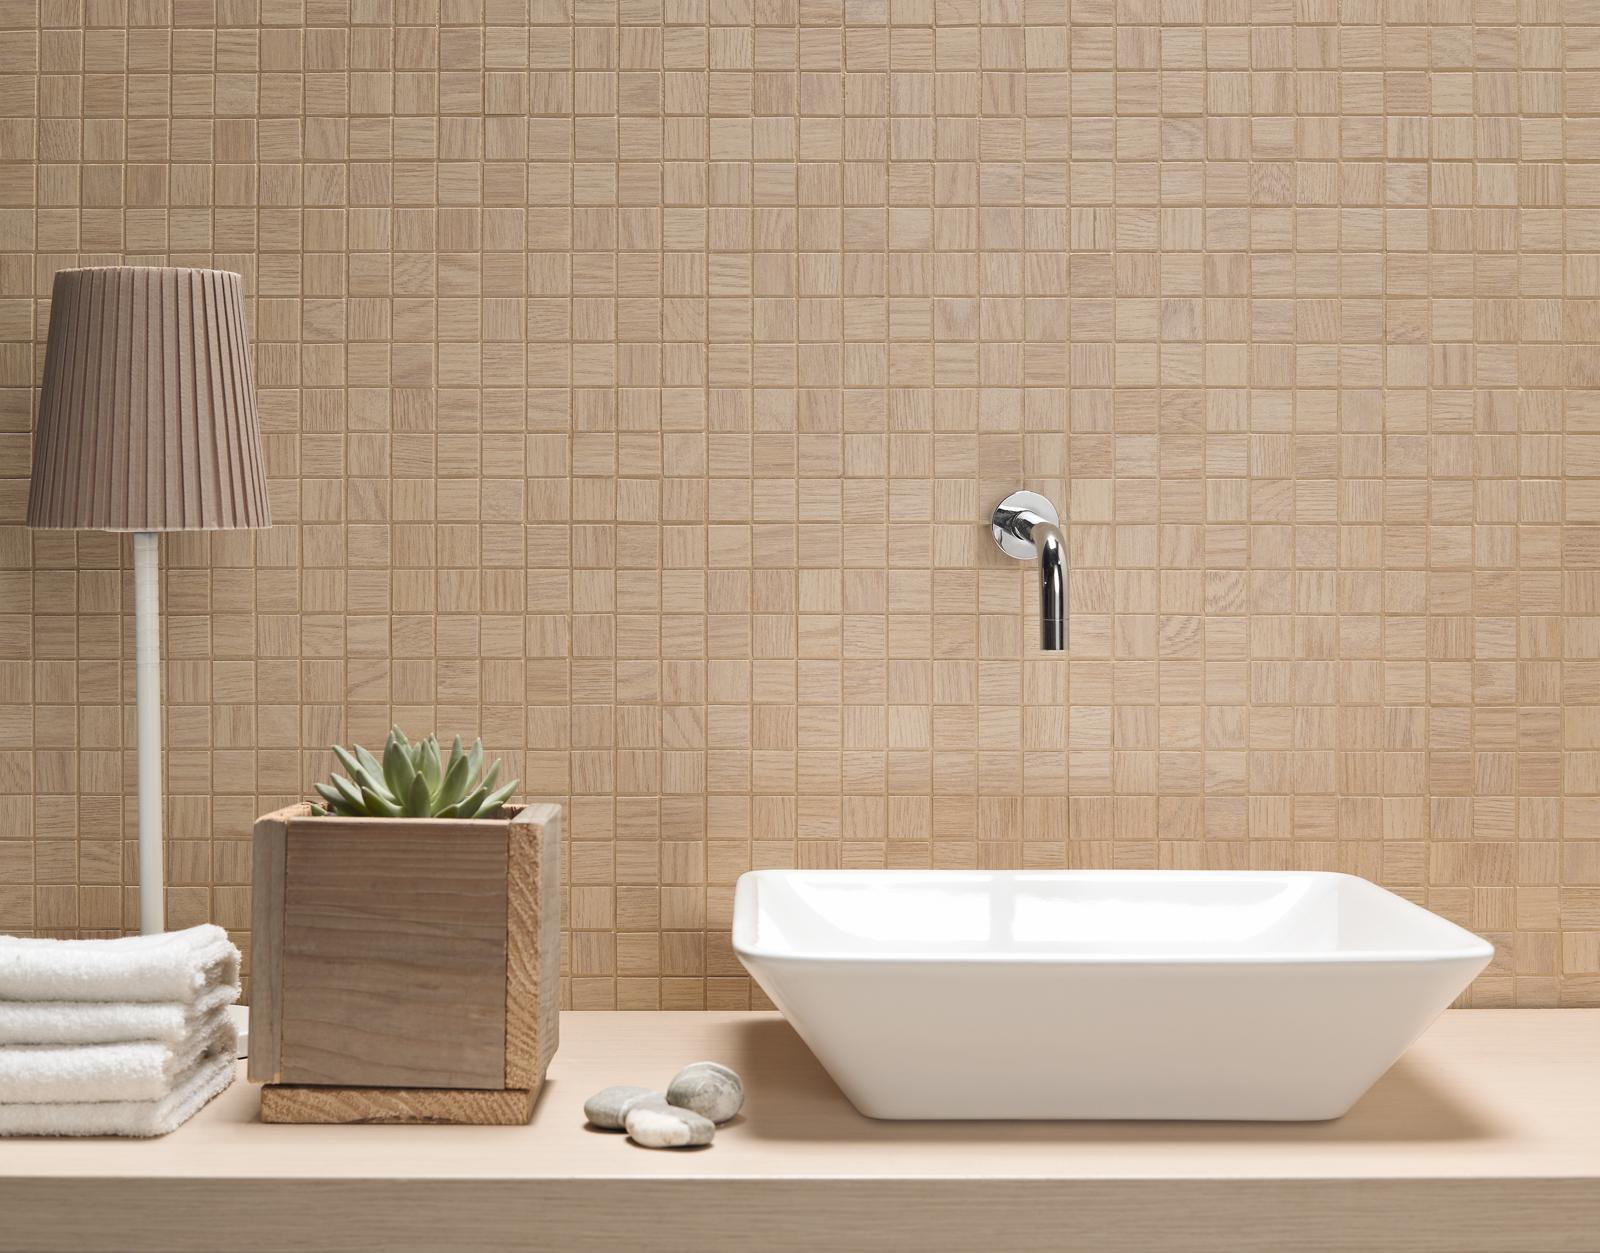 Piastrelle a mosaico per bagno e altri ambienti marazzi - Piastrelle di gres ...